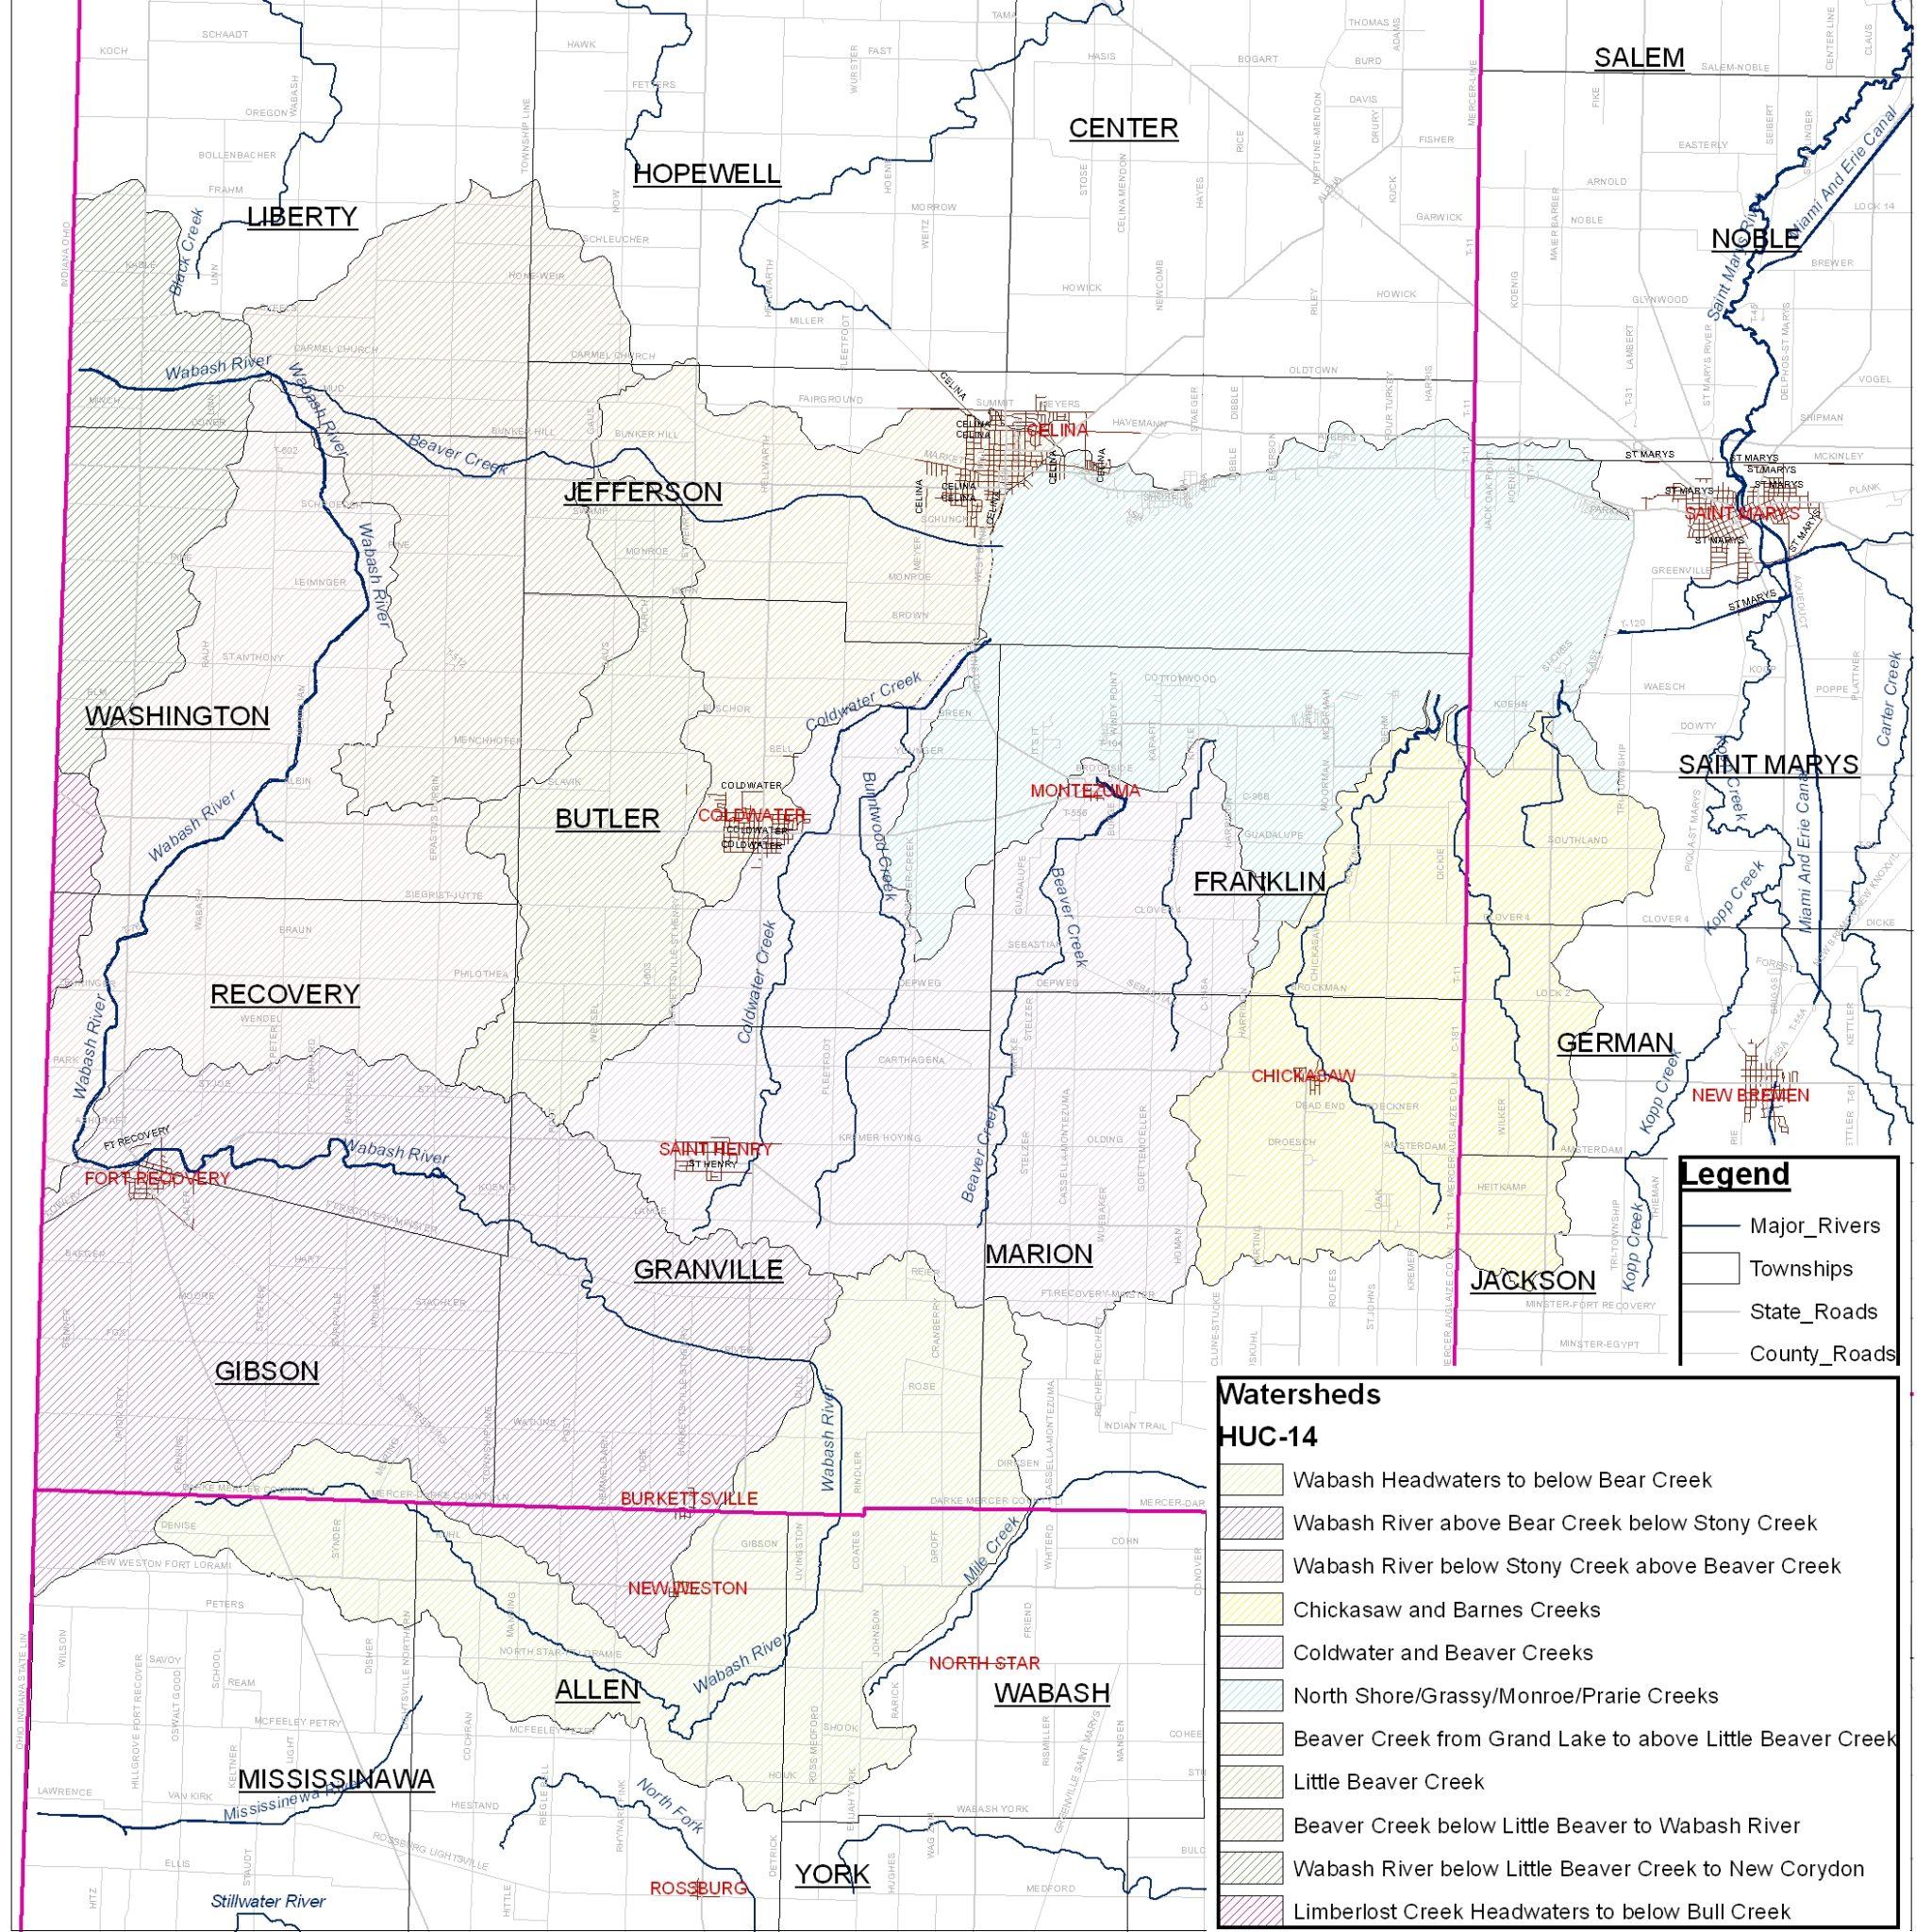 new Lauren map